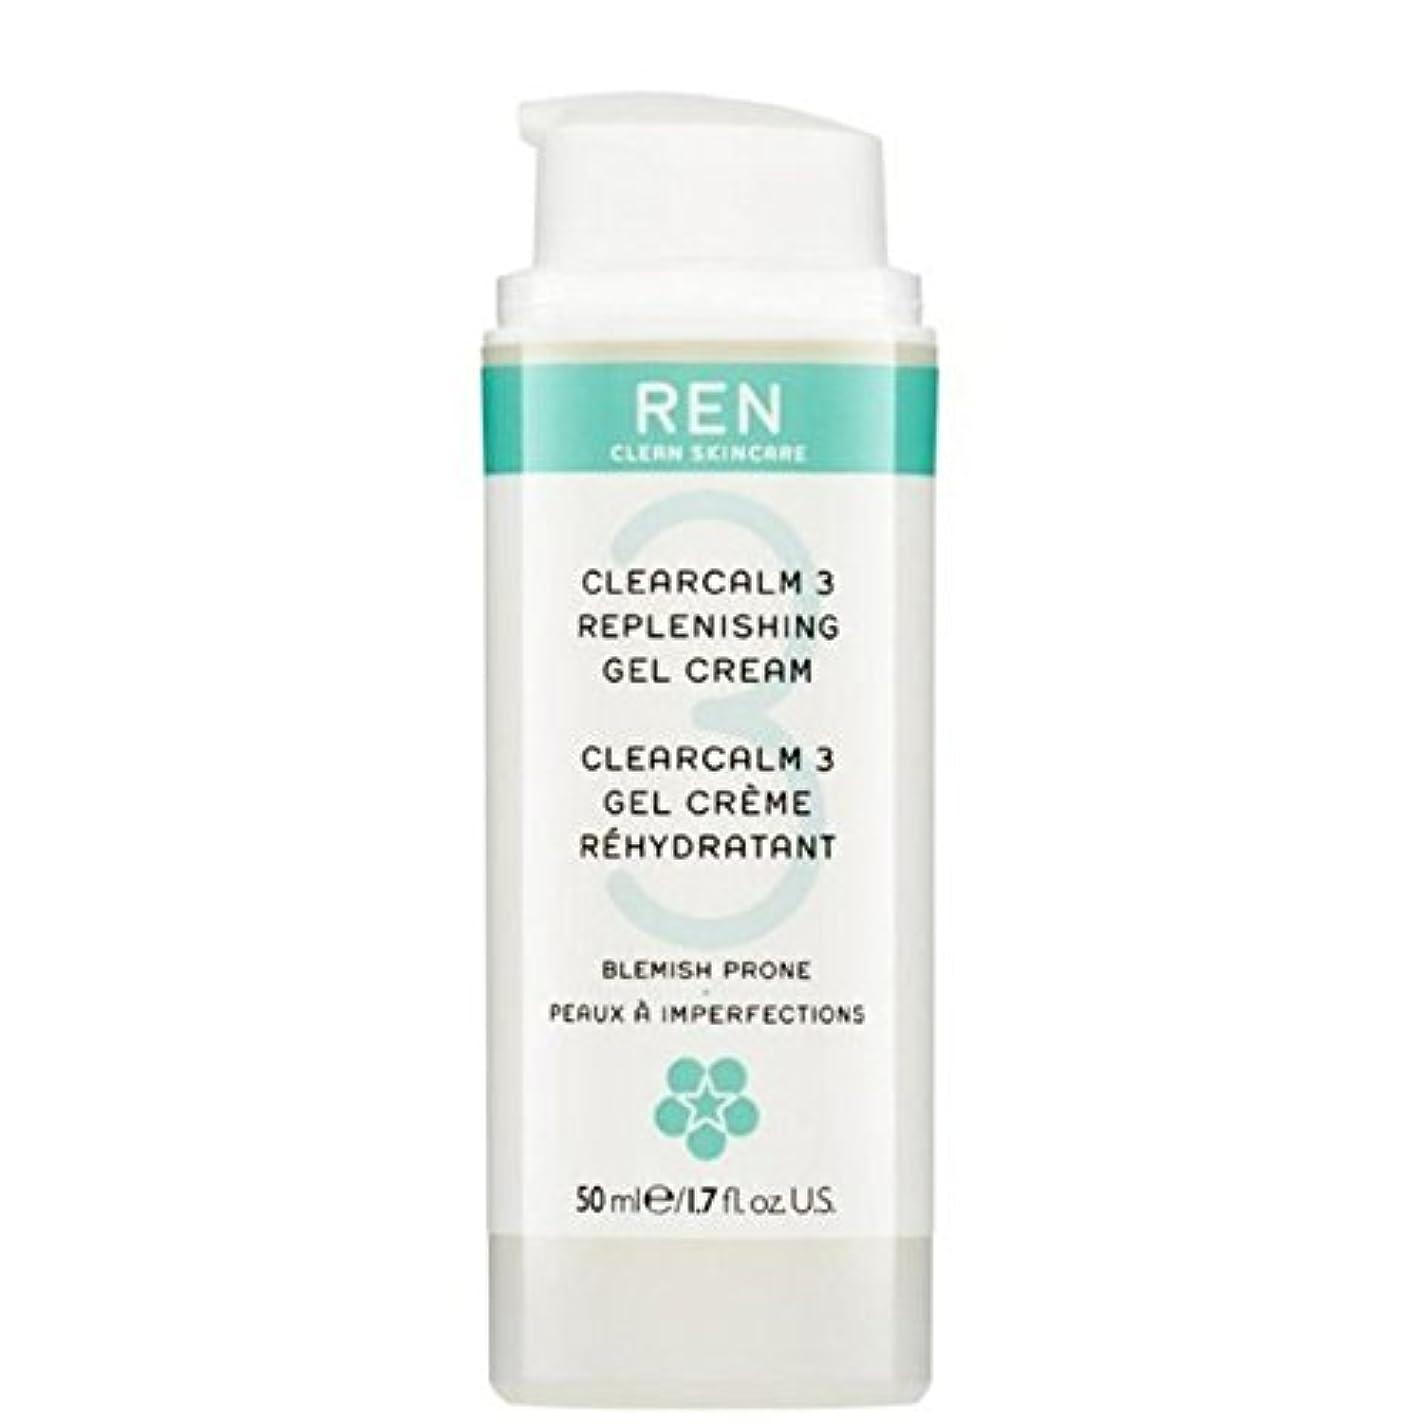 排泄物子犬ポジションREN Clearcalm 3 Replenishing Gel Cream - 3補給ゲルクリーム [並行輸入品]